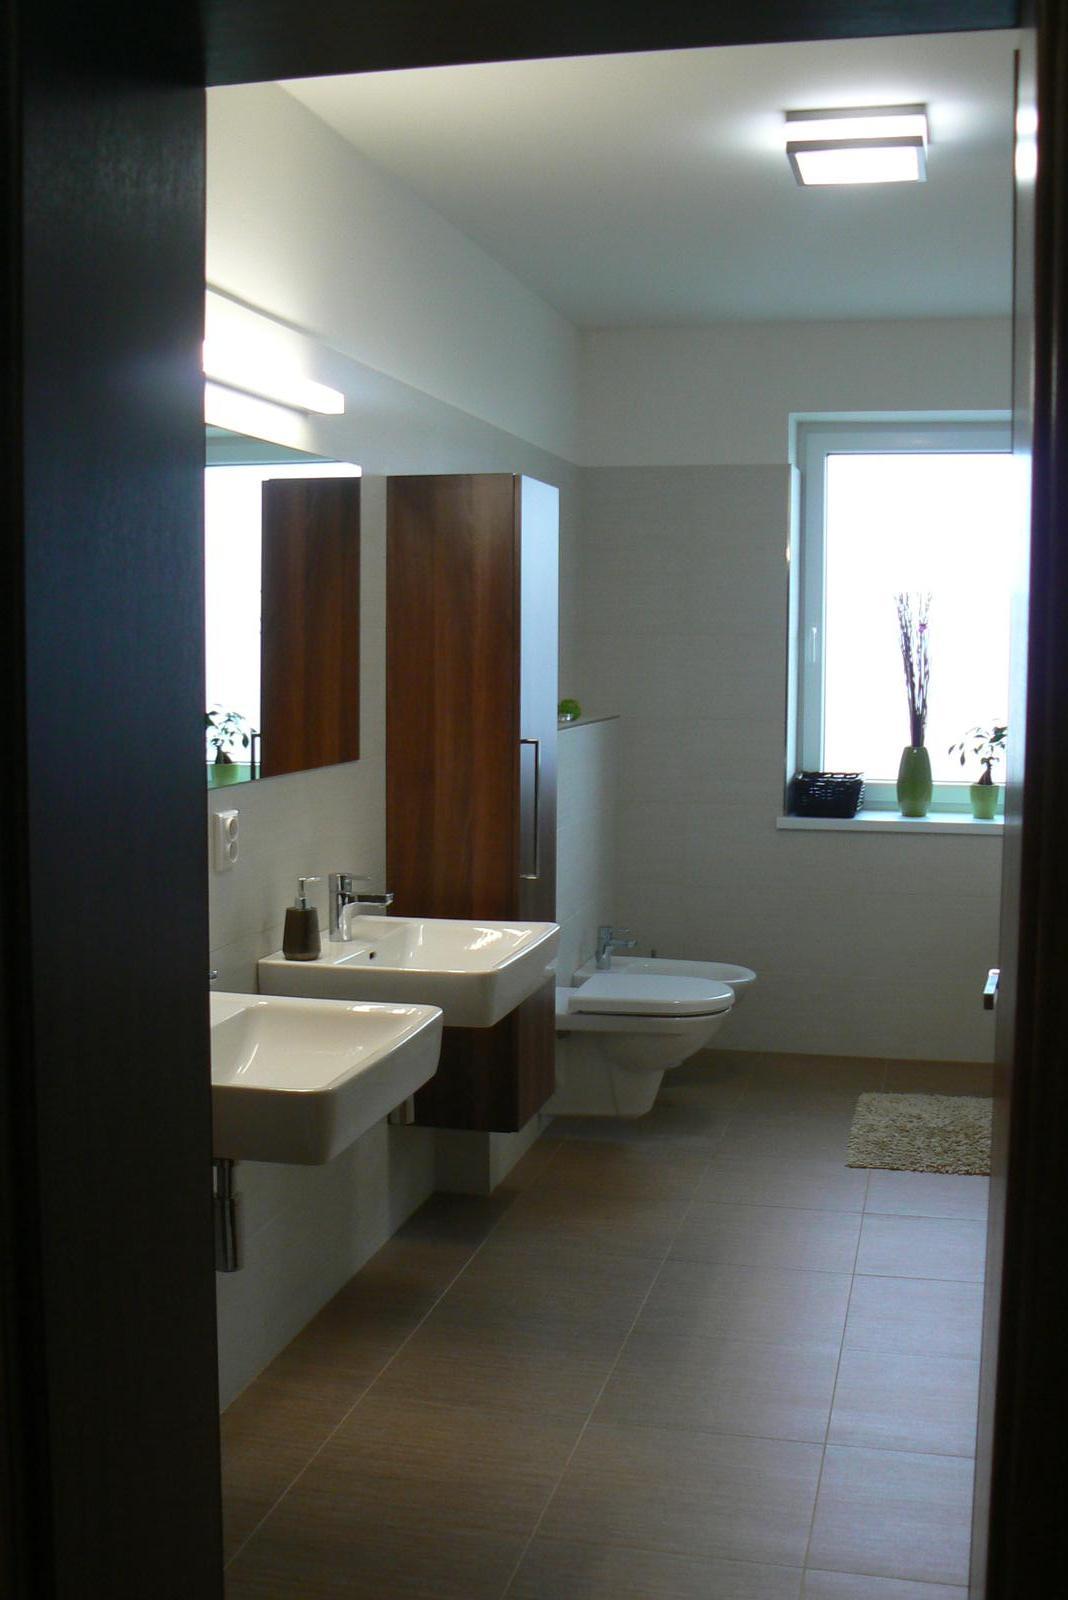 A začíná další nová životní etapa ..... - Koupelna - pokus o jednoduchost, čistotu, harmonii, přírodu a relax v jednom